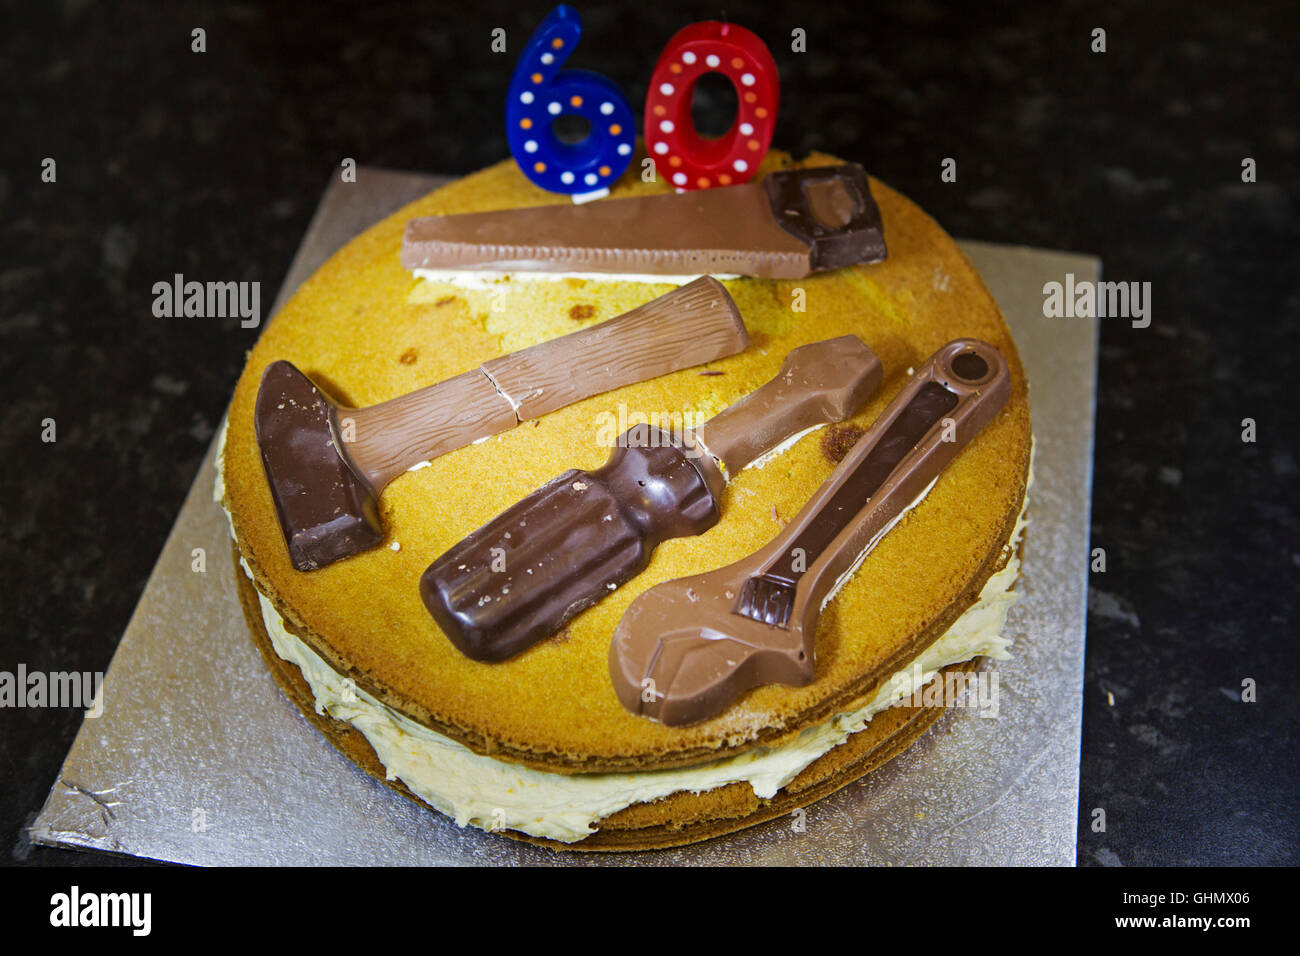 Une Maison Cuit Un Gâteau Danniversaire Pour 60 Ans Le Gâteau Au